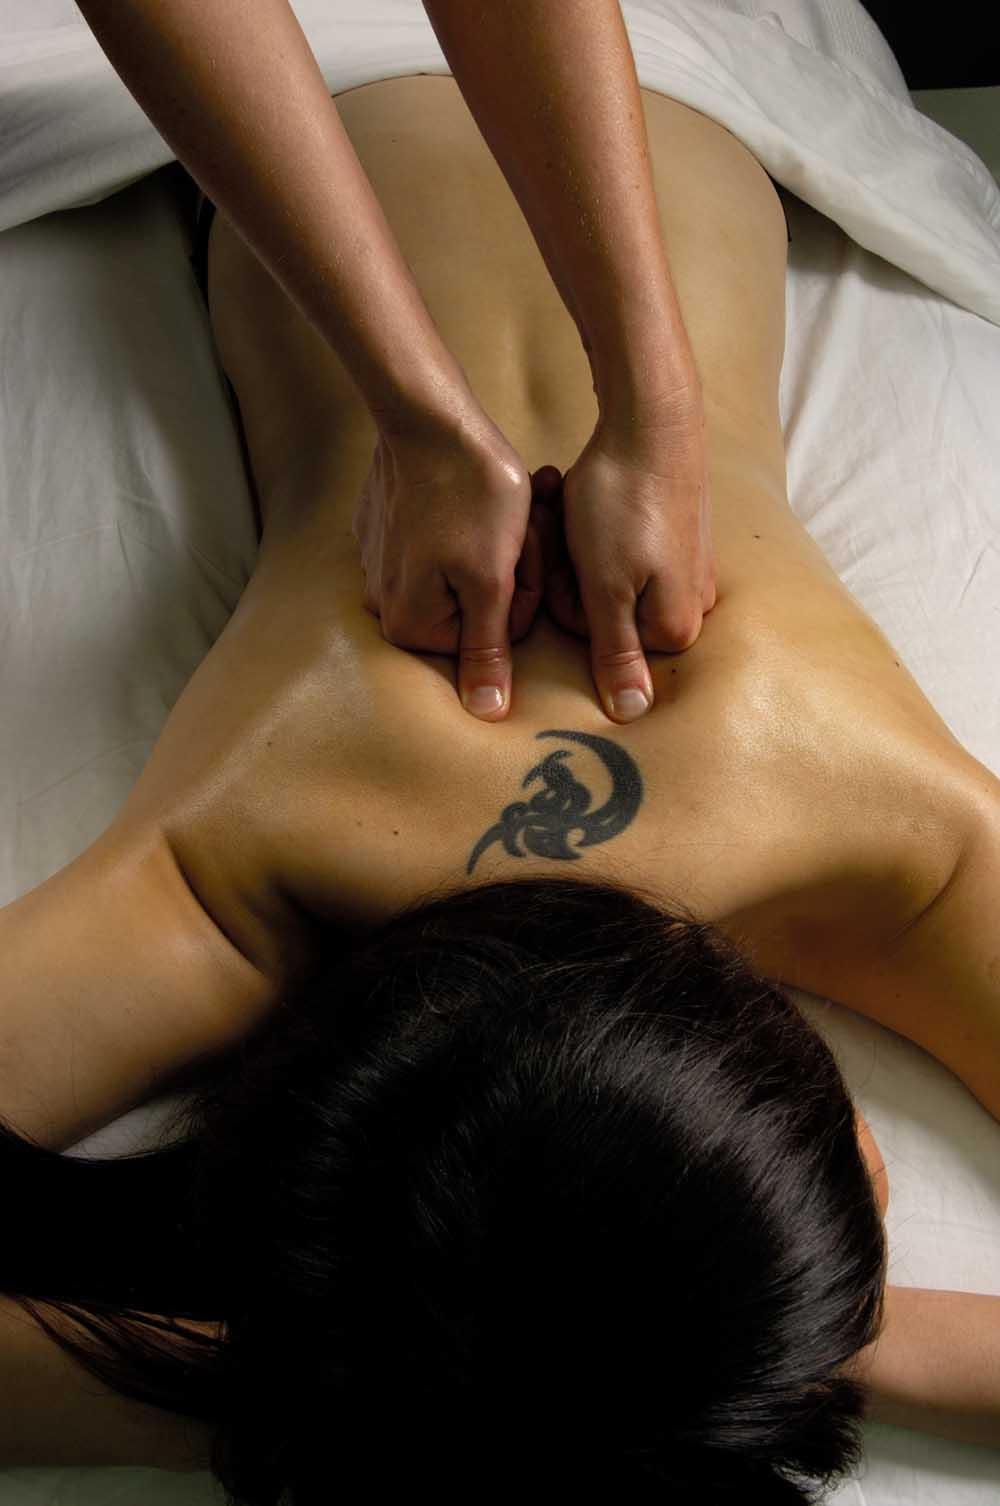 shiatsu massage in Gocek Hamam Afrodit Spa and Turkish bath